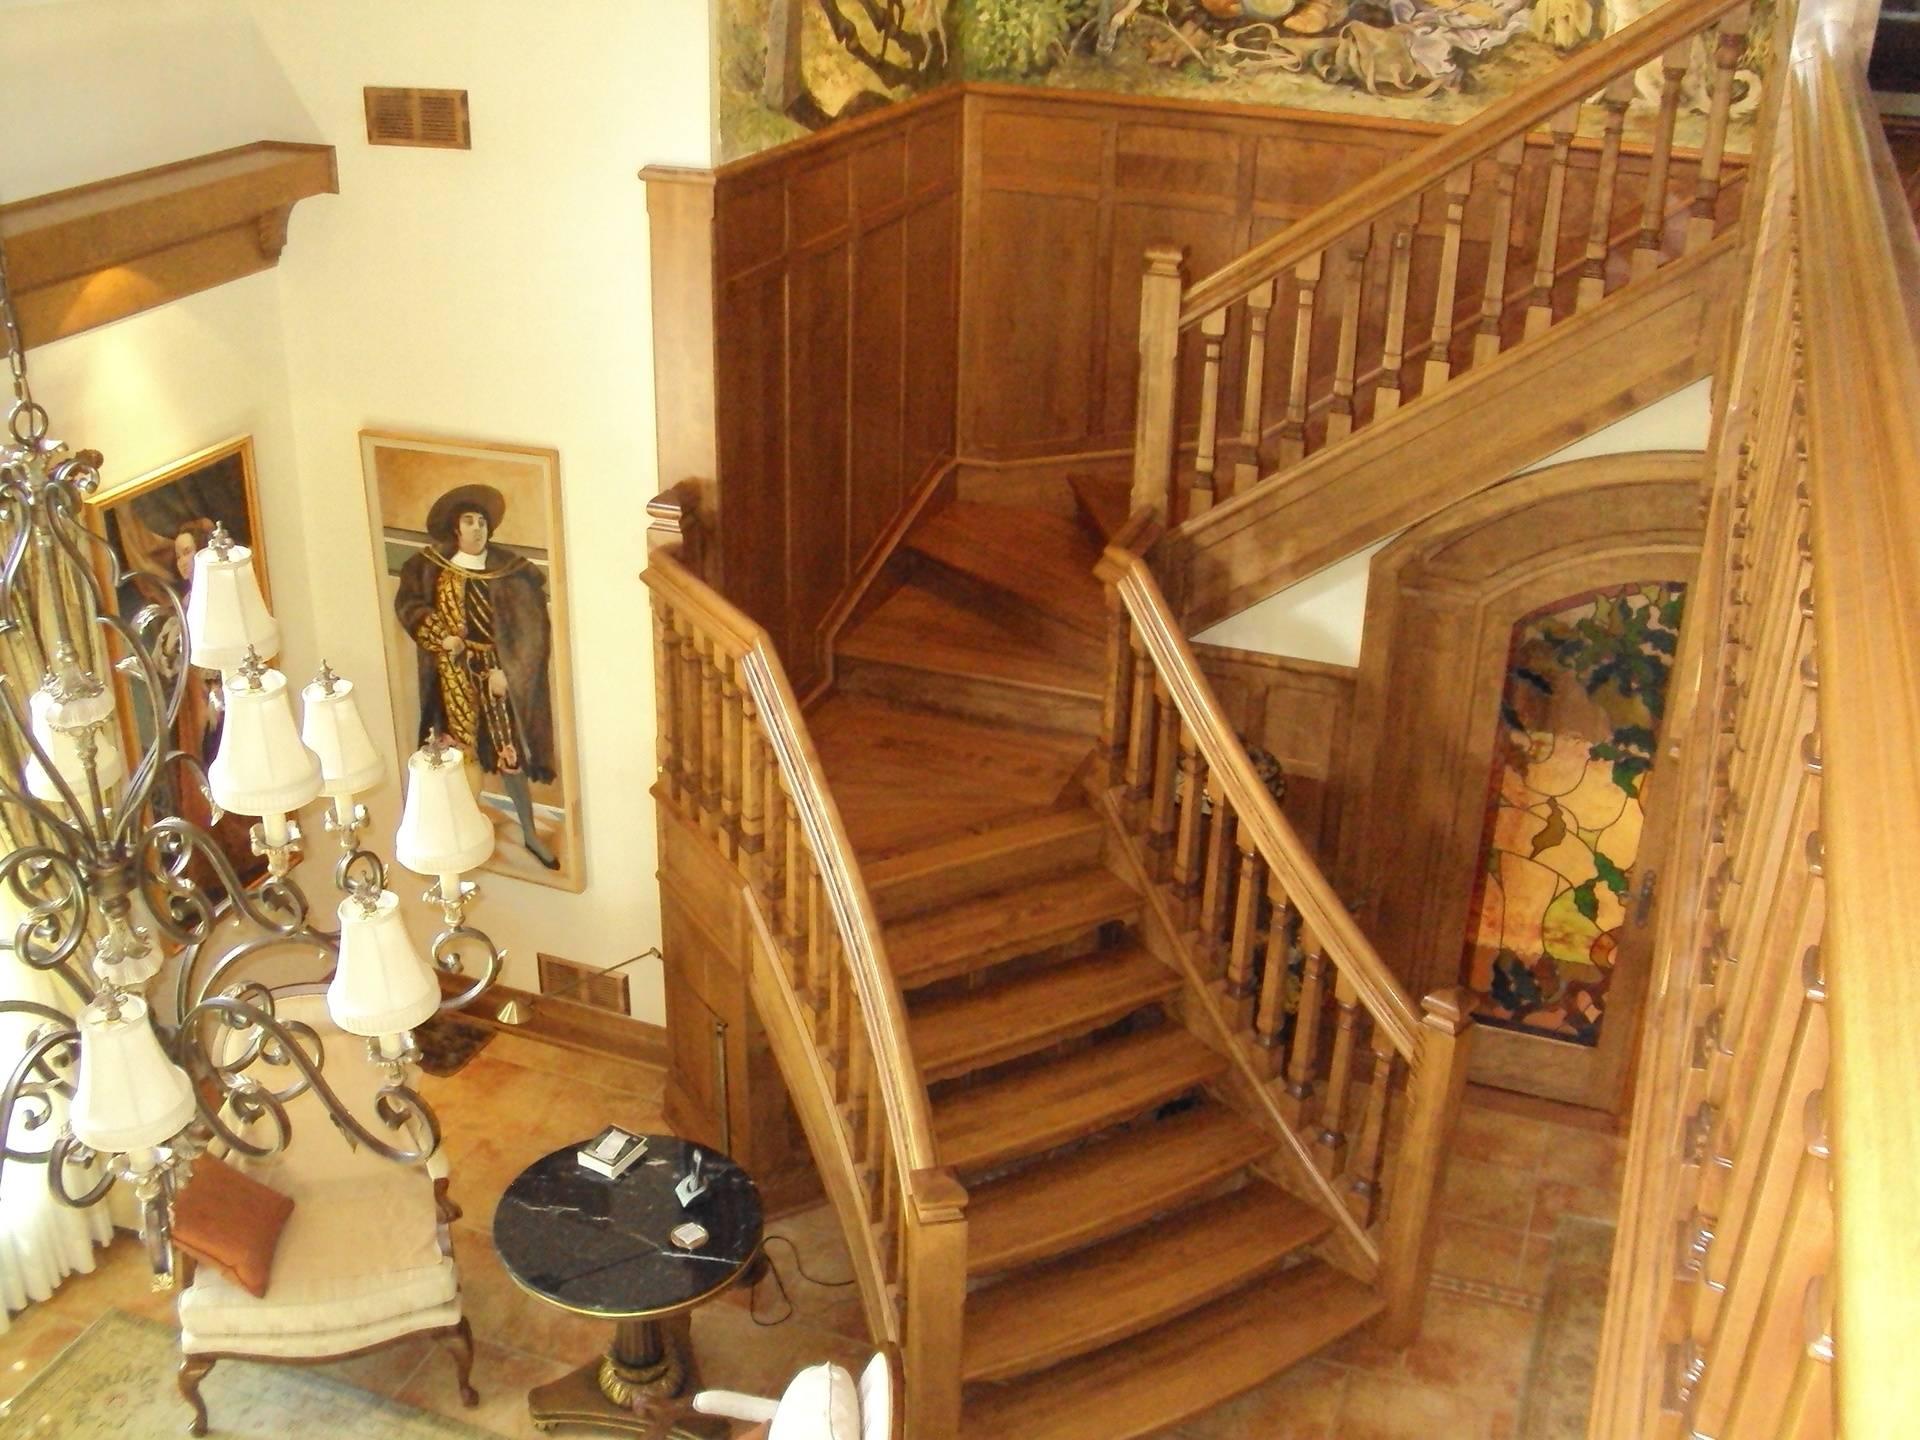 Escalier de bois semi cintré avec panneling au mur